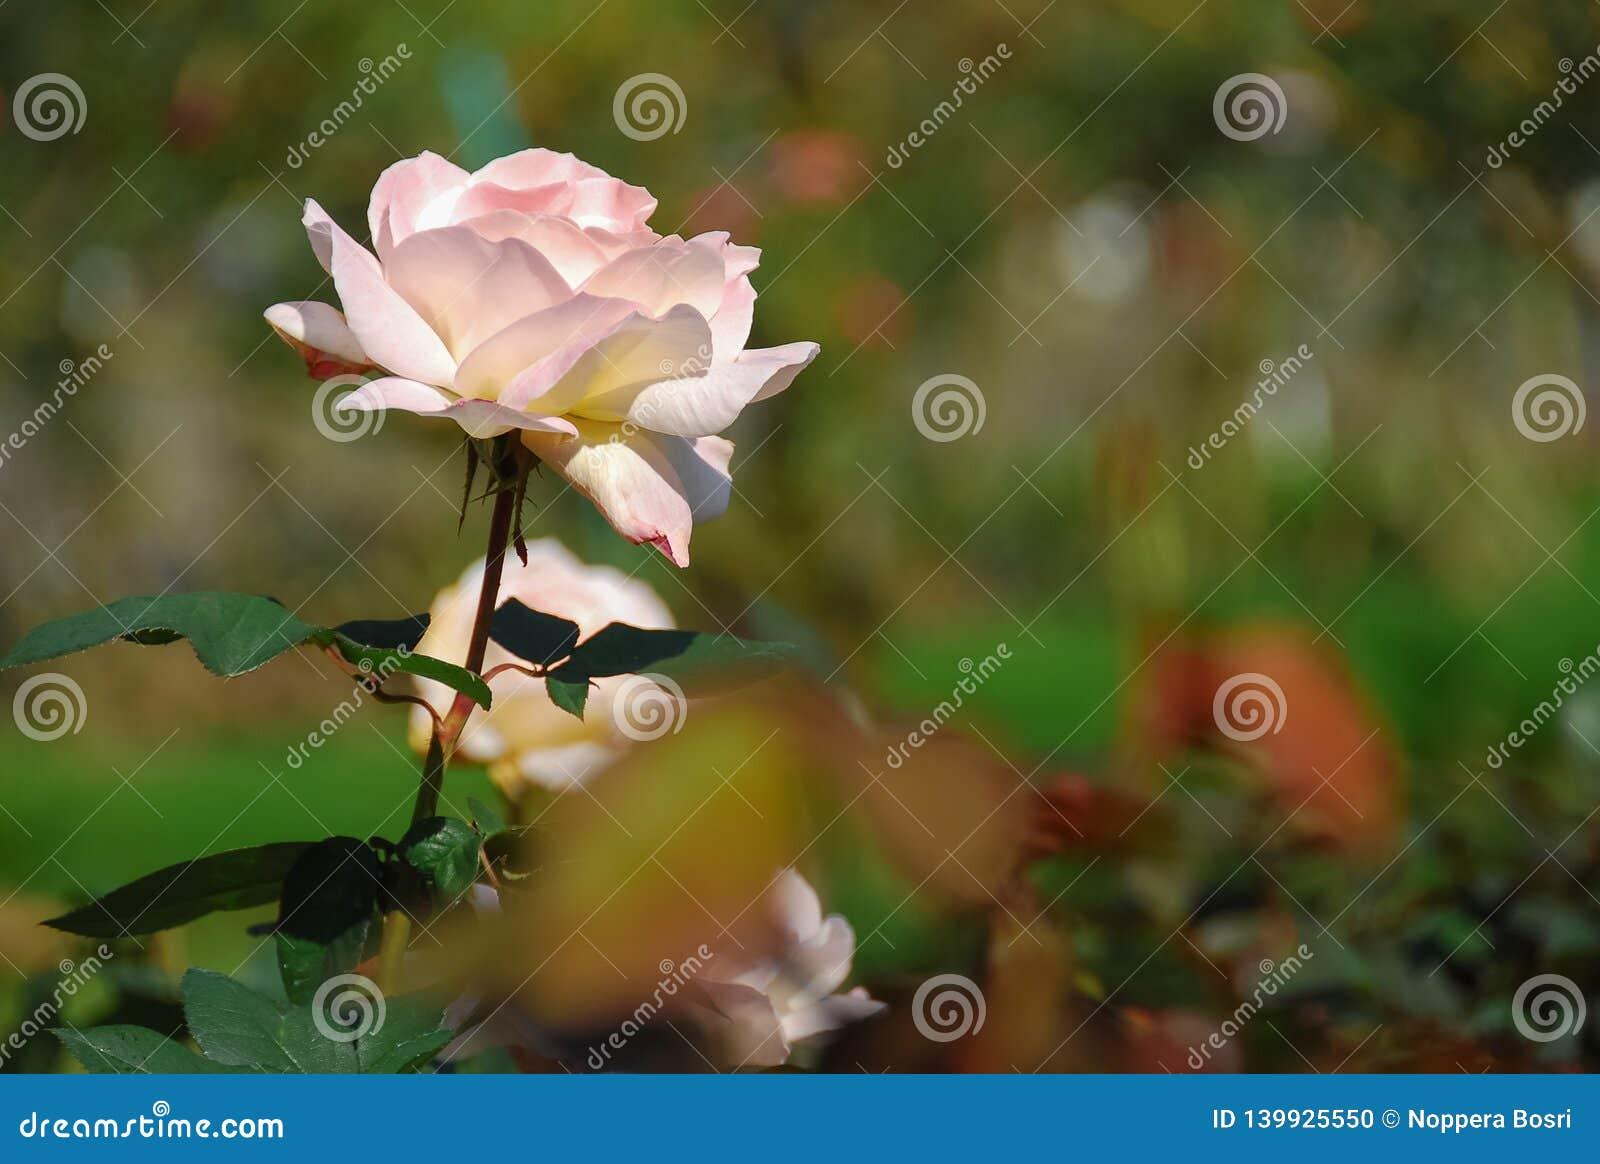 листья красивых роз пинка темные ые-зелен в парке